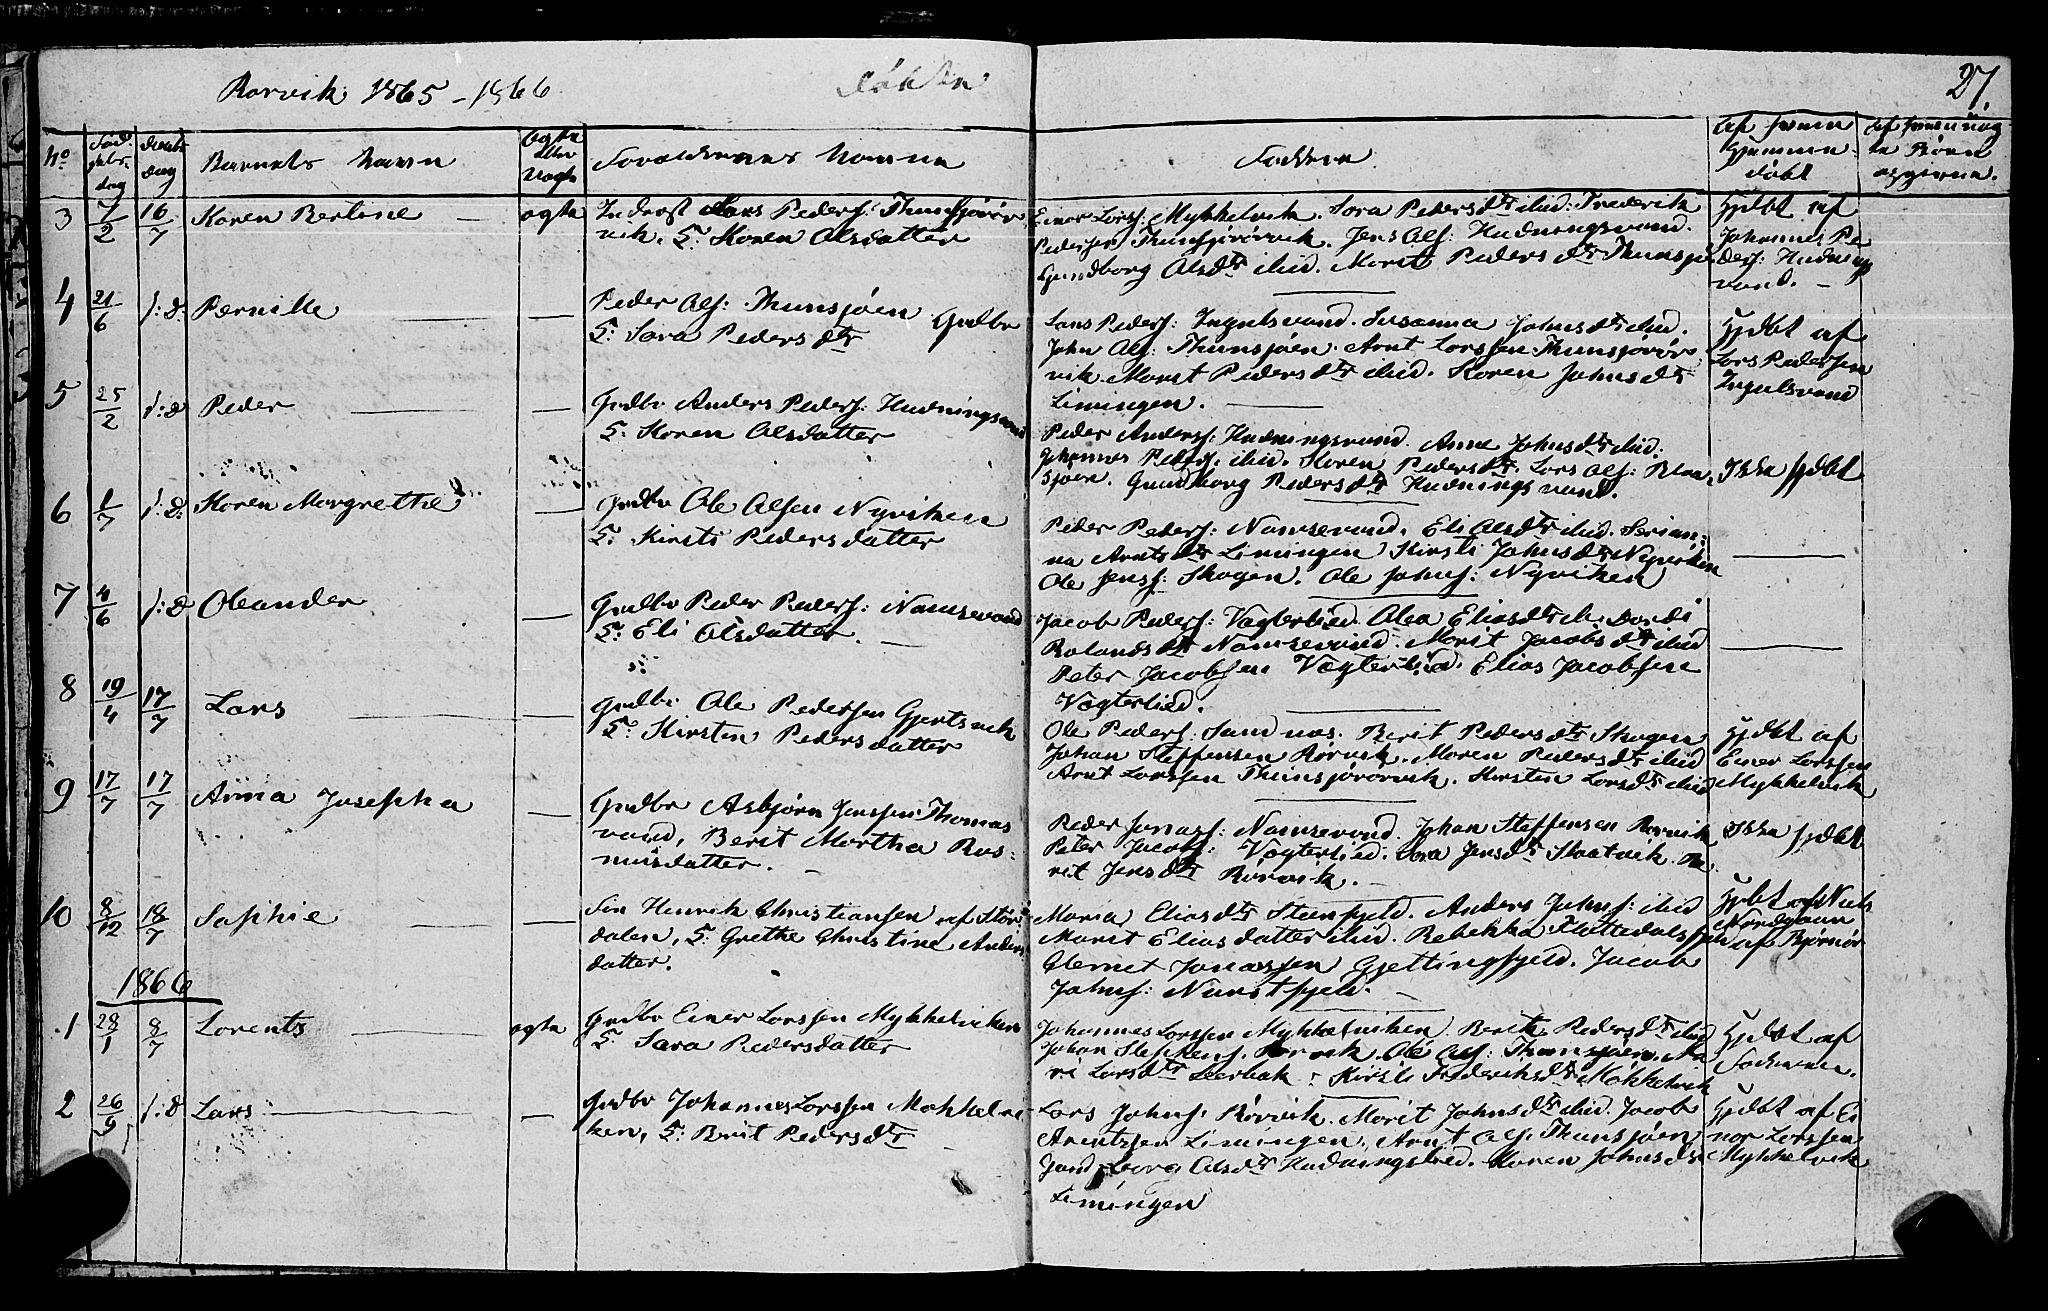 SAT, Ministerialprotokoller, klokkerbøker og fødselsregistre - Nord-Trøndelag, 762/L0538: Ministerialbok nr. 762A02 /1, 1833-1879, s. 27